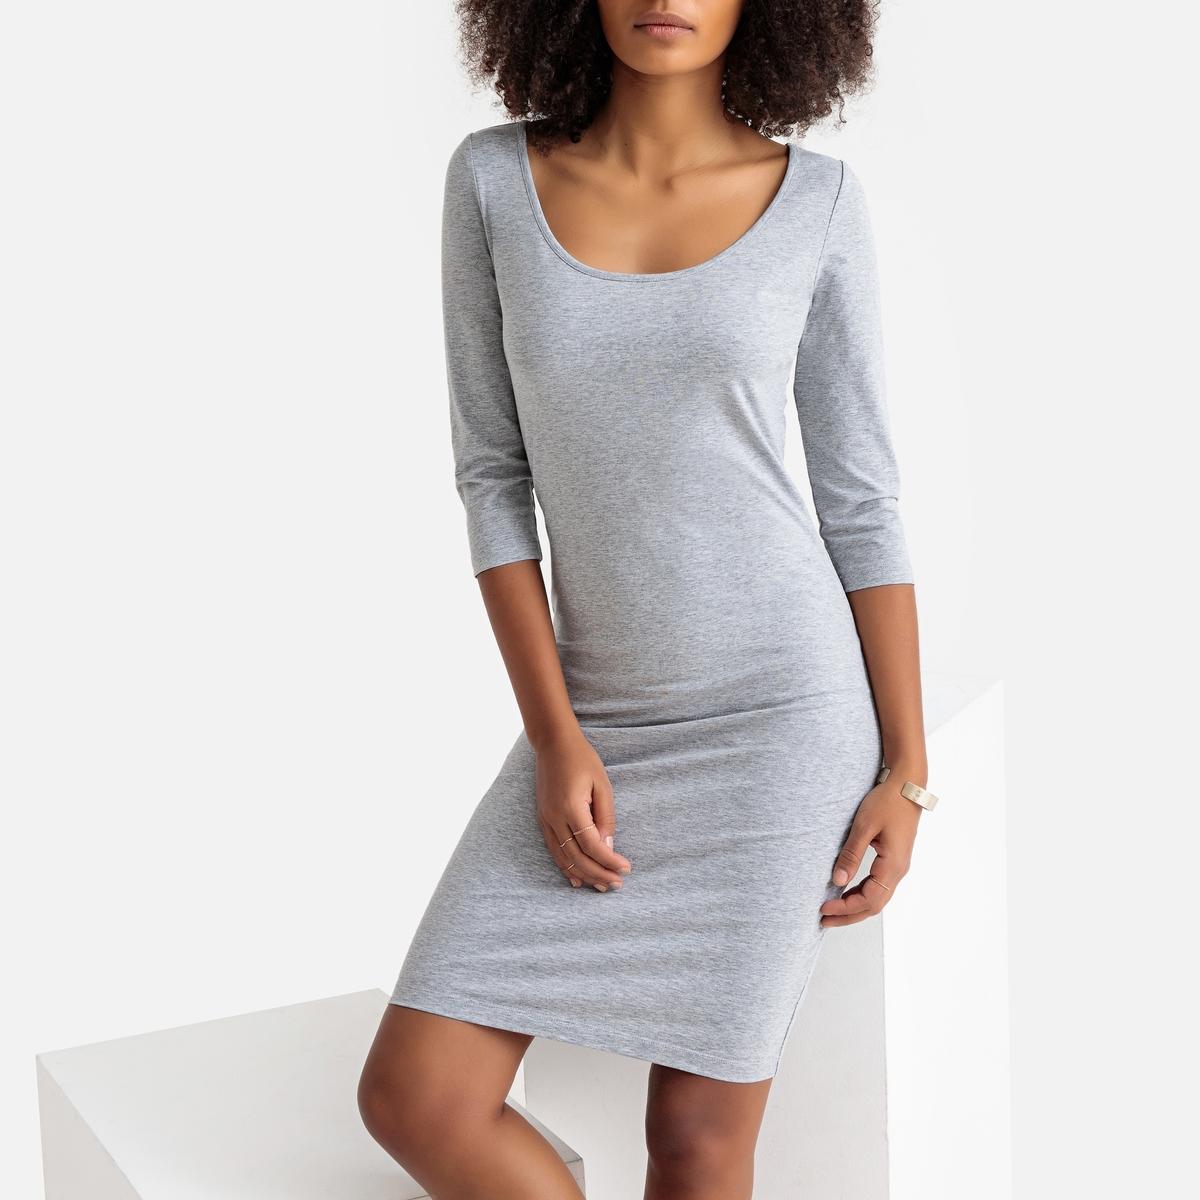 цена на Платье La Redoute Короткое облегающее с рукавами XS серый